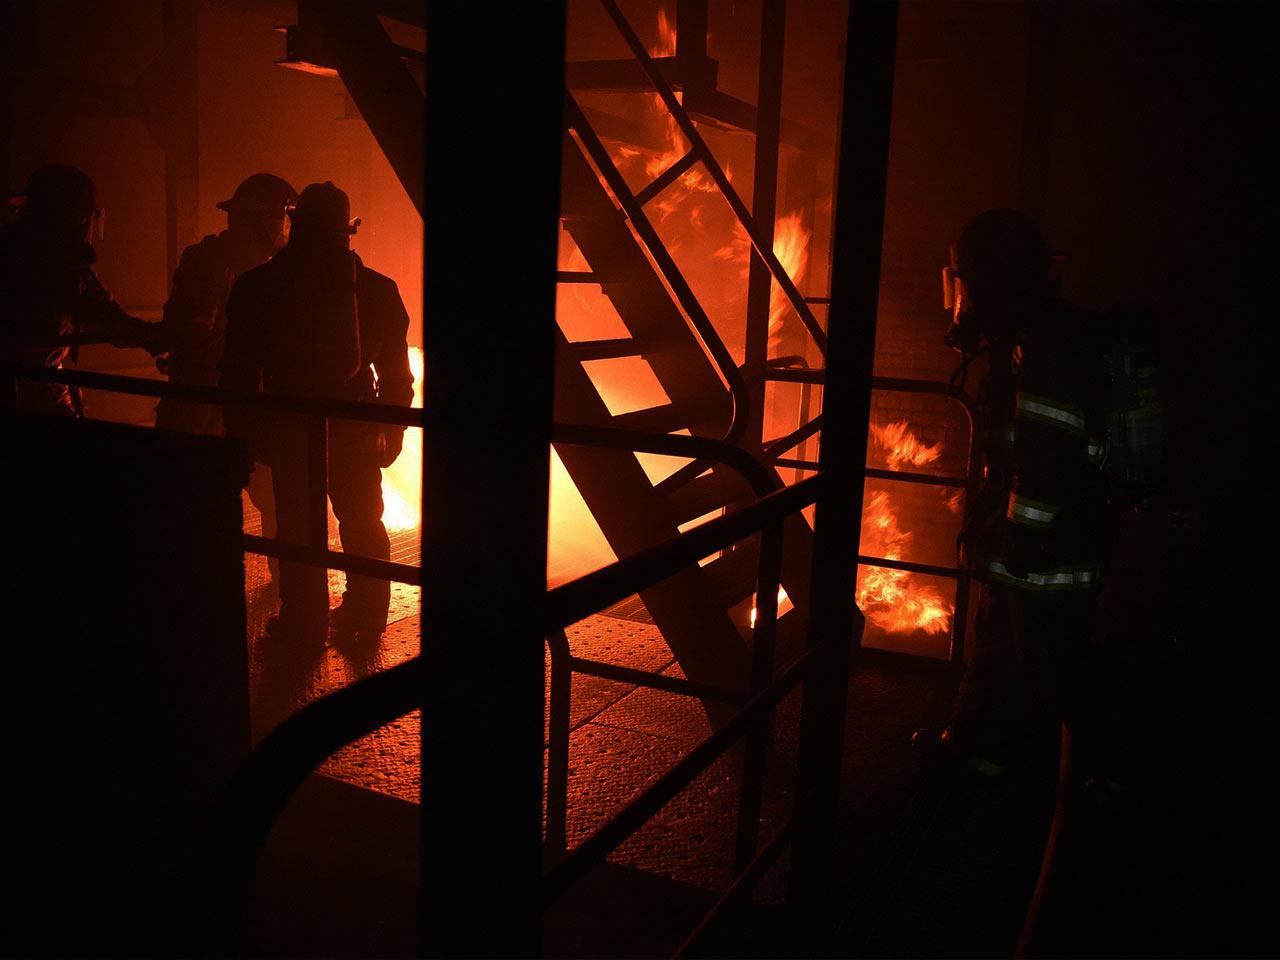 Einsatz von Kohlenmonoxidwarngeräten bei Feuerwehren und Hilfeleistungsorganisationen